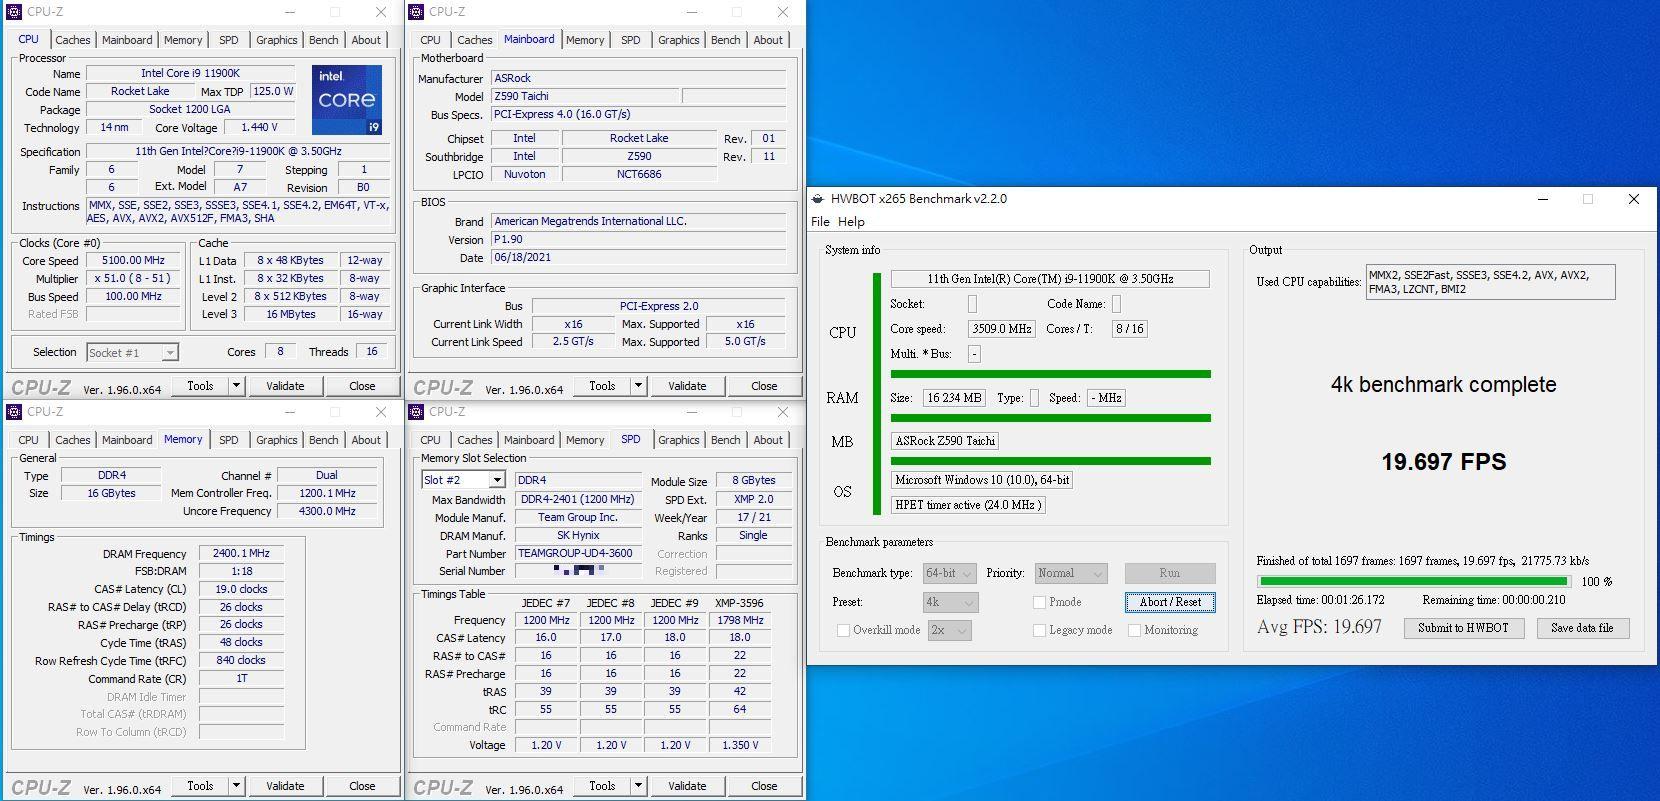 十銓T-FORCE XTREEM ARGB DDR4-3600 White Edition超頻記憶體-超美雪...7232